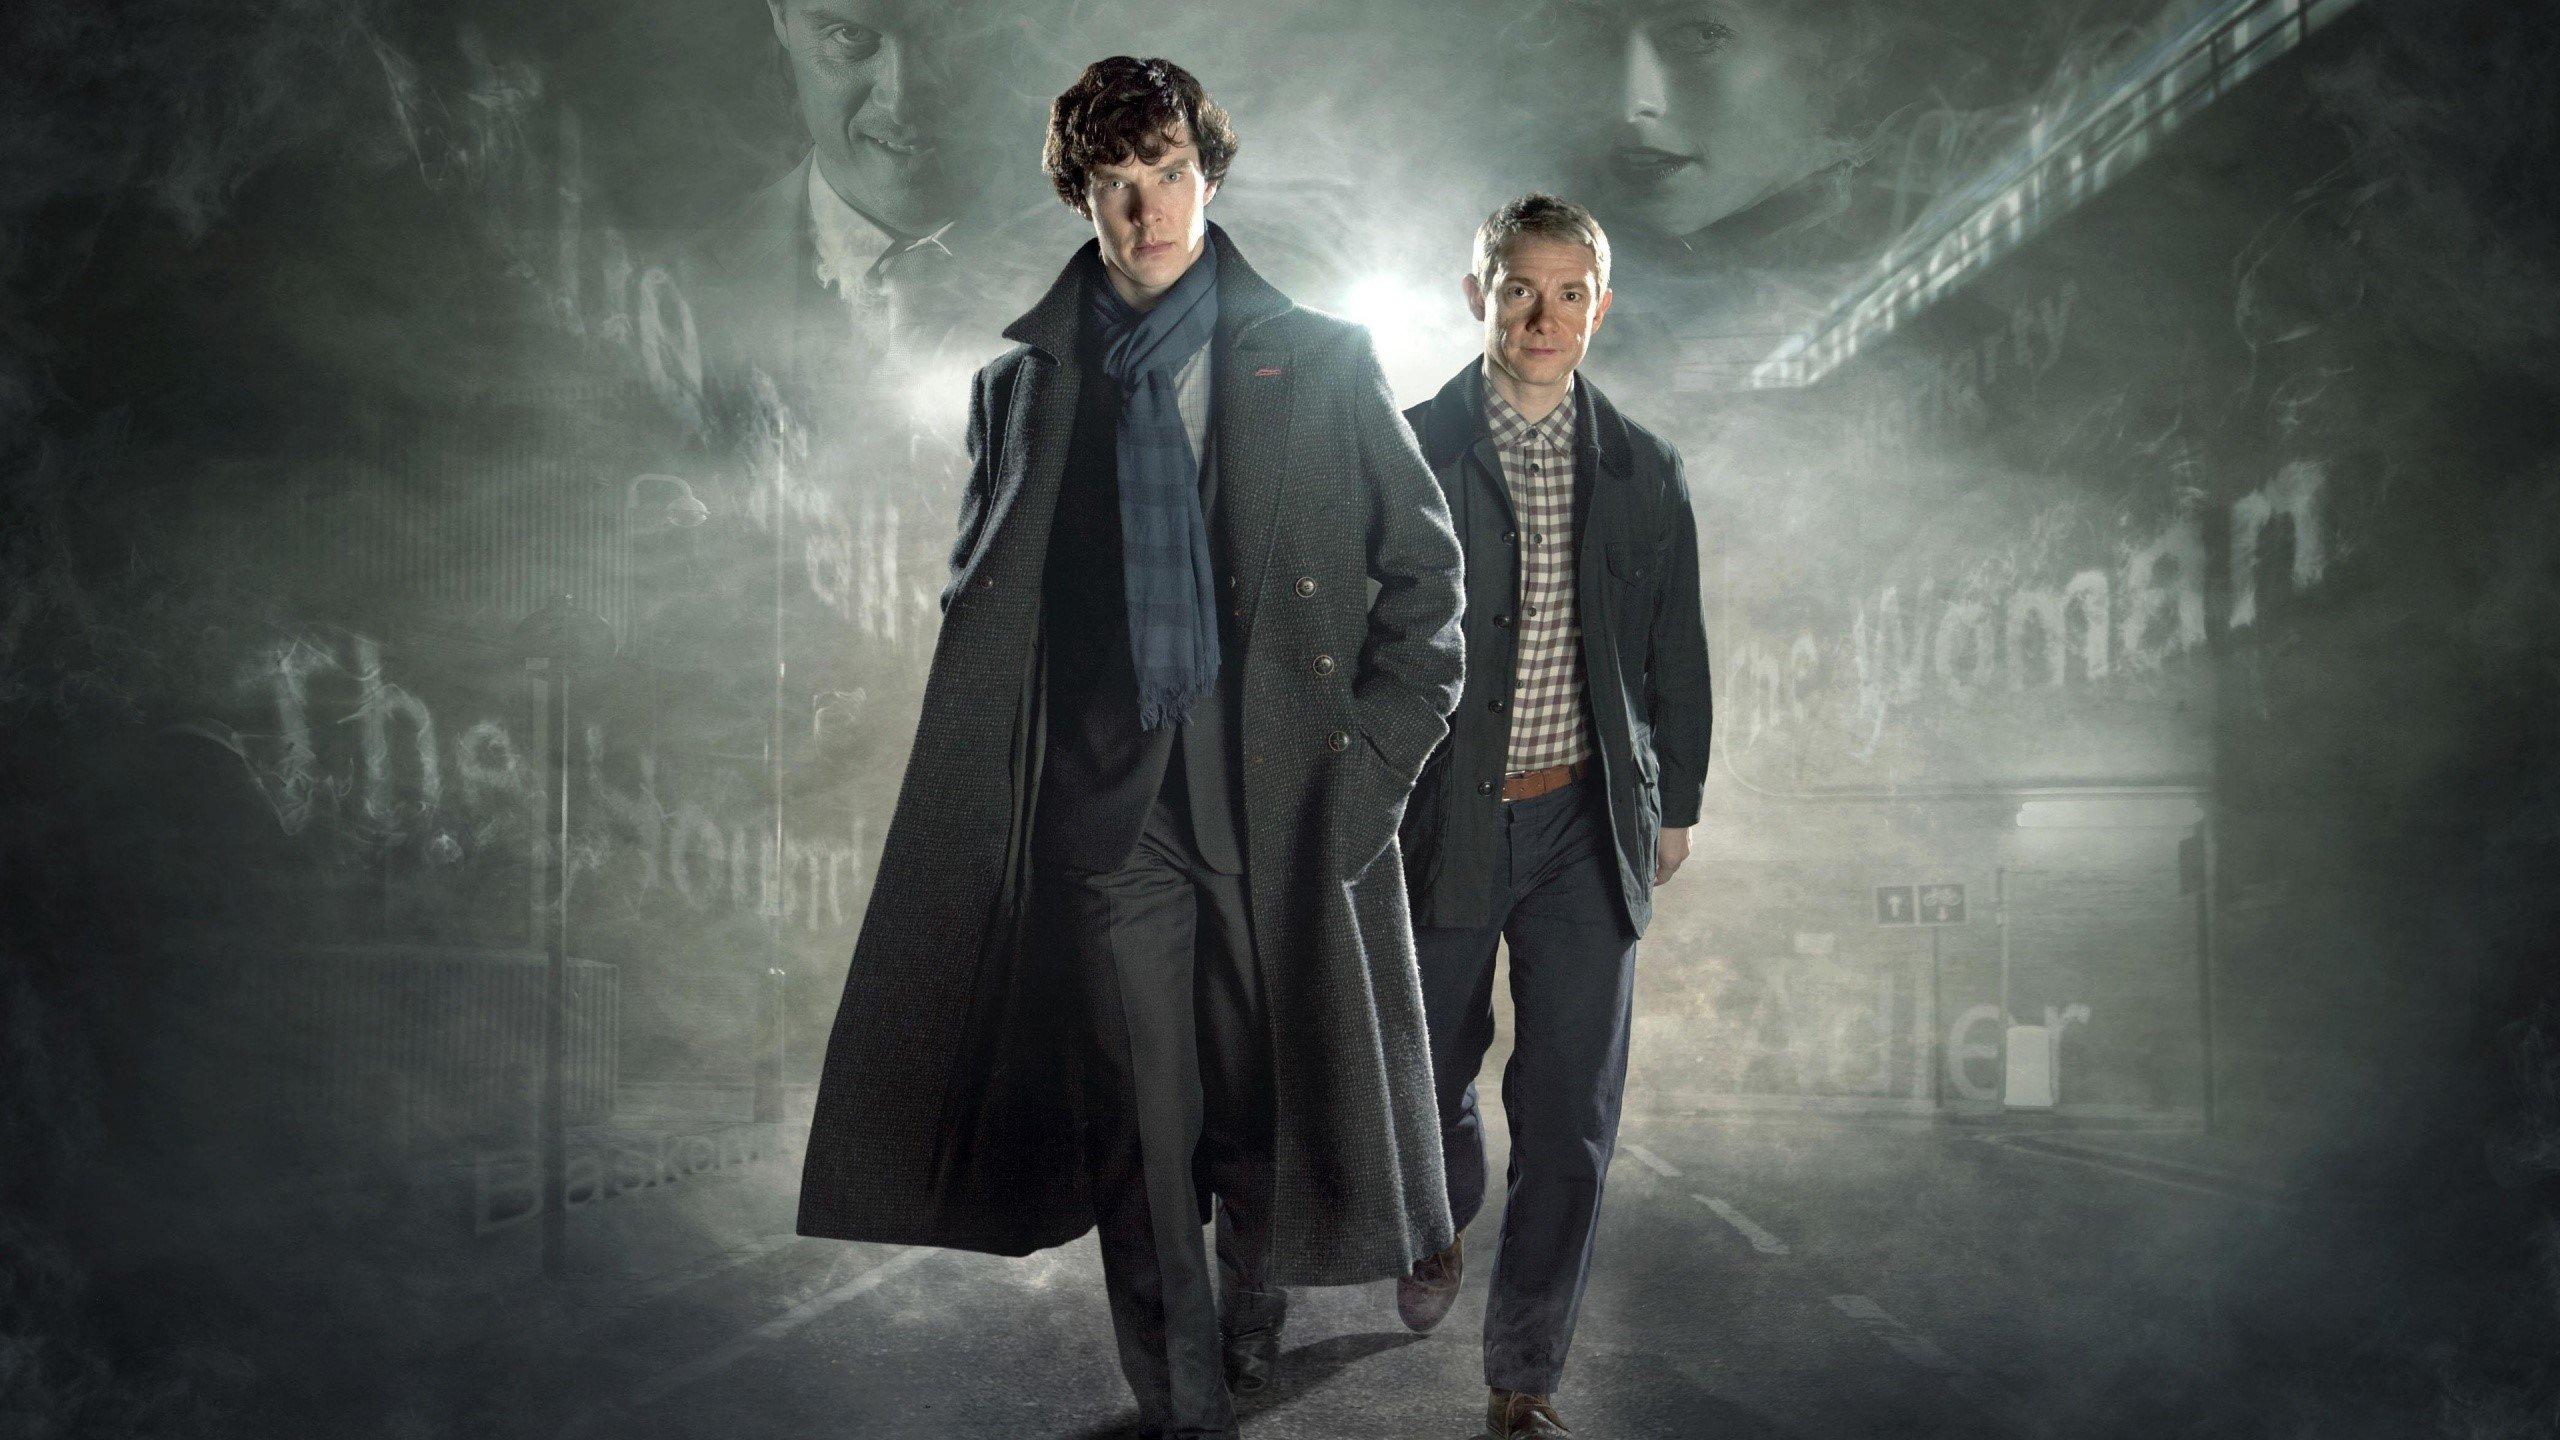 Wallpaper Sherlock and Watson